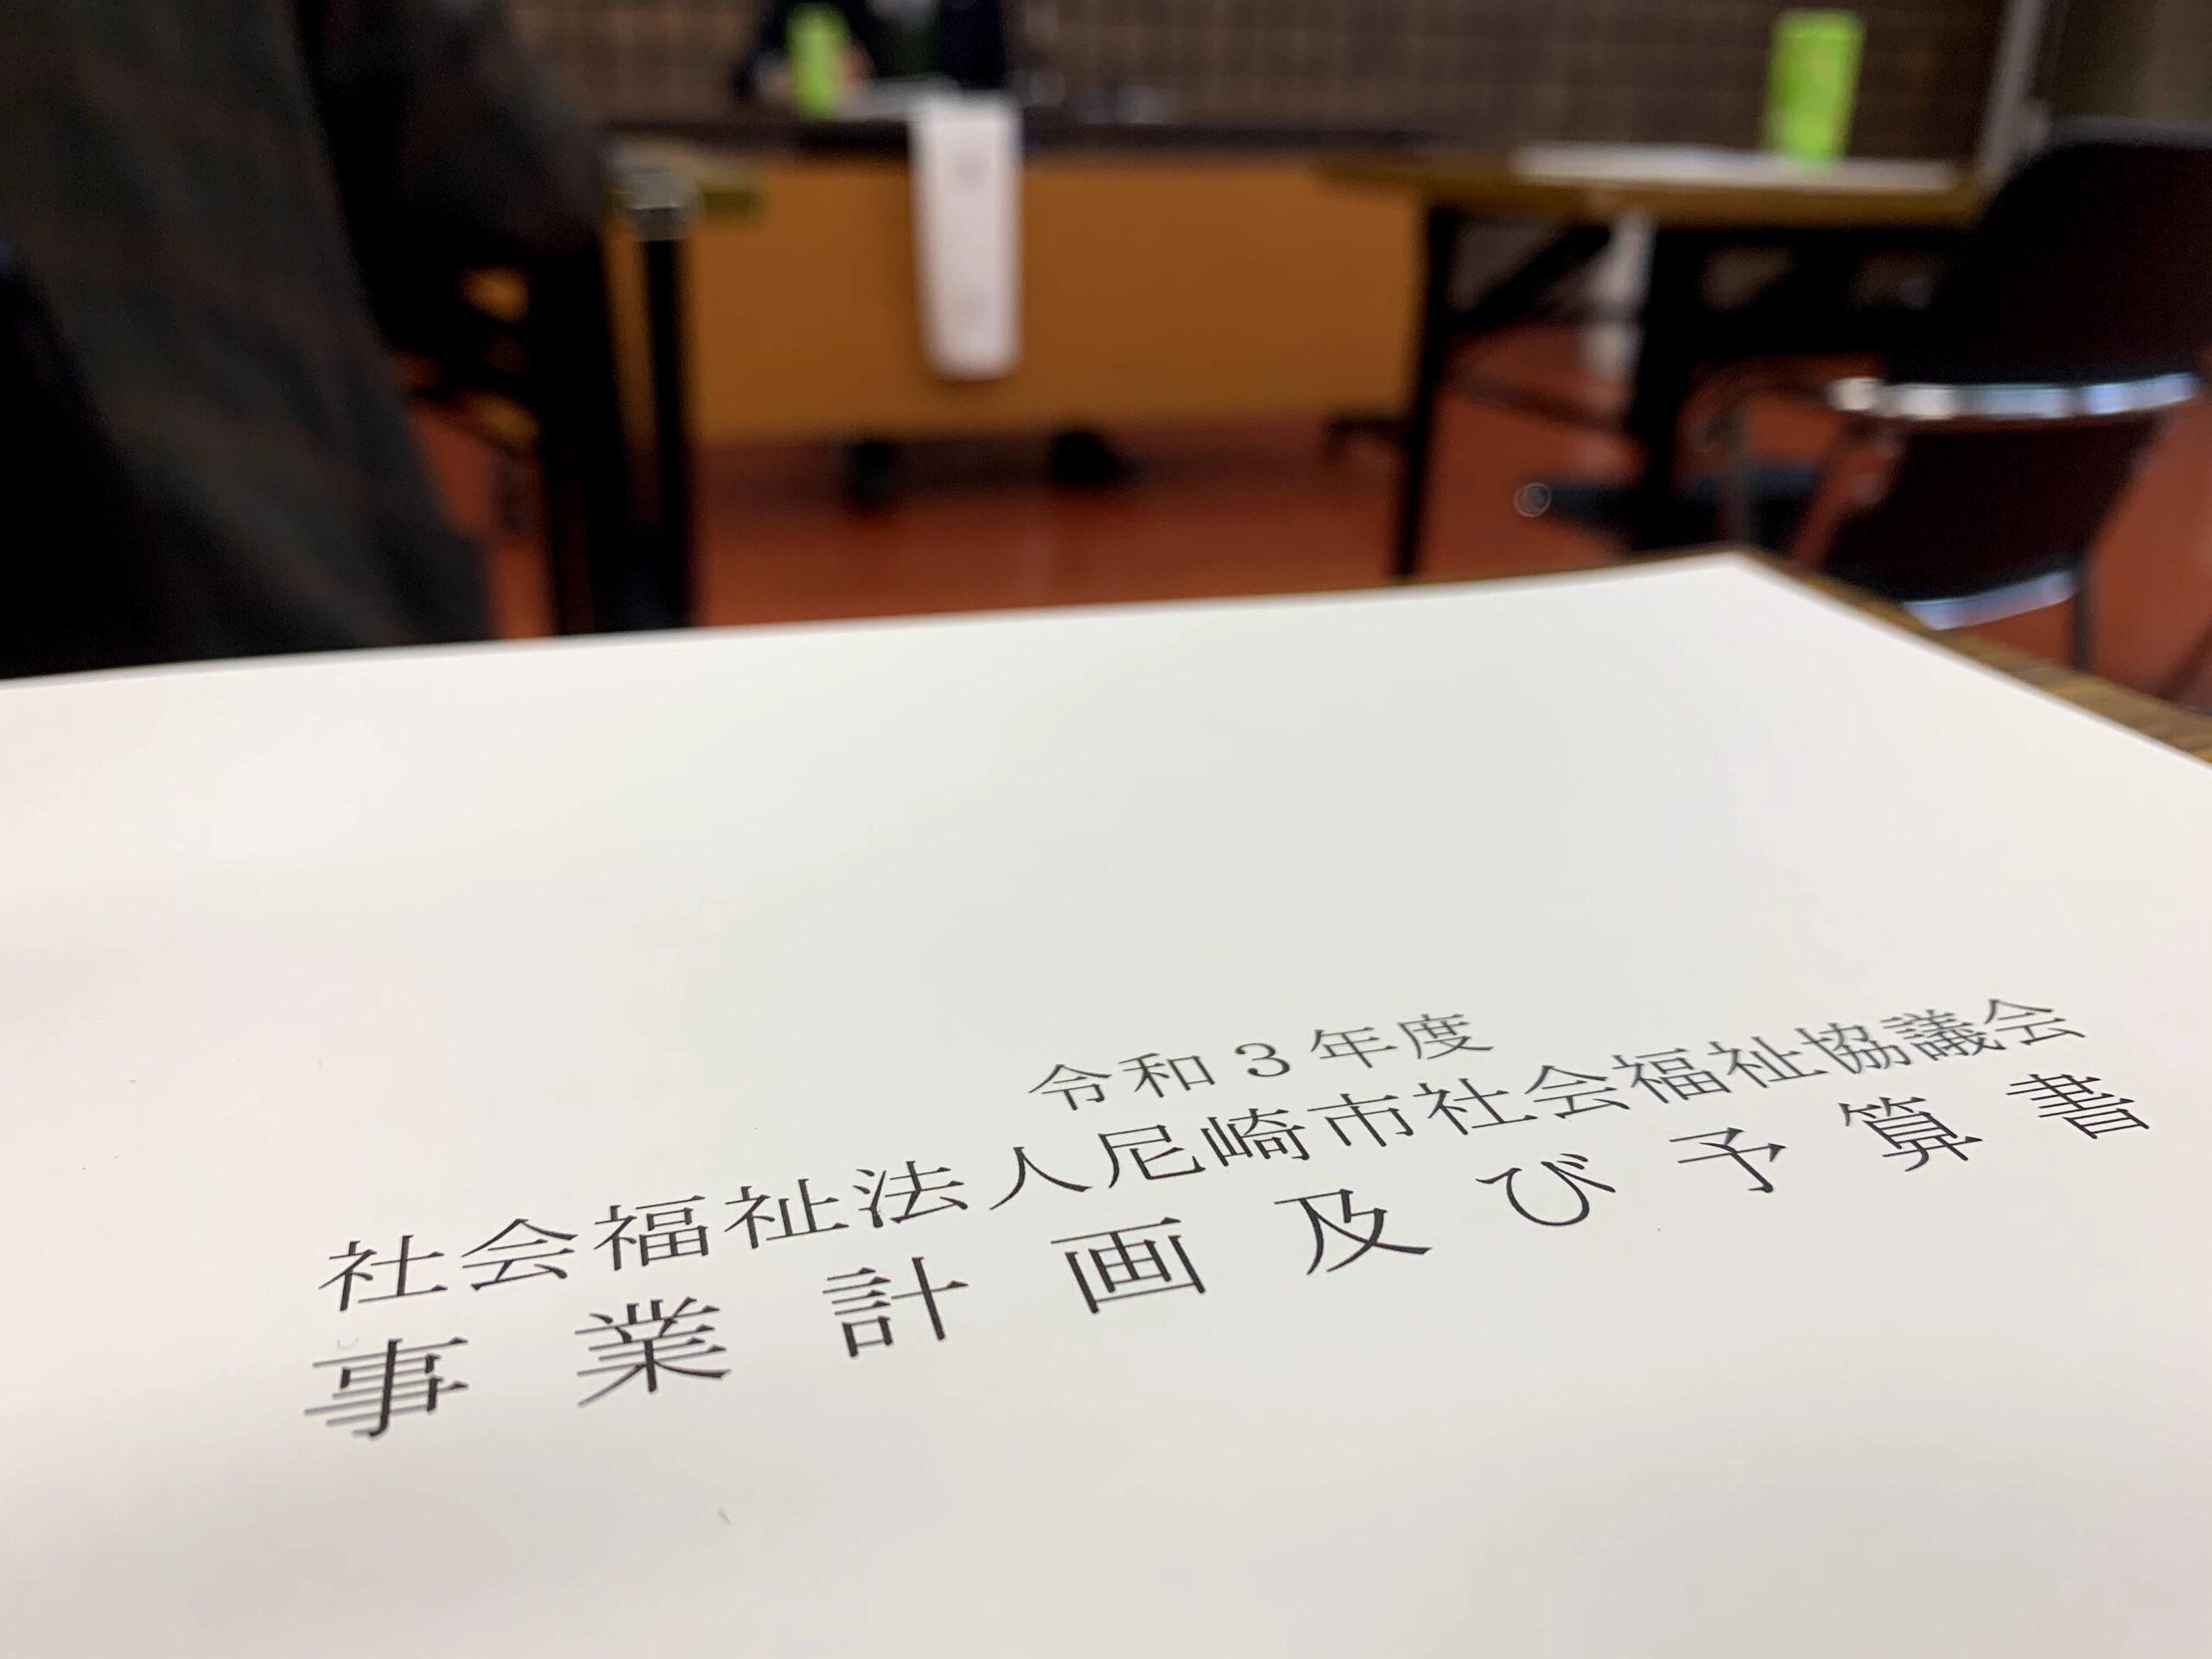 尼崎市社会福祉協議会 評議員会が開催されました。 (2021/03/26)